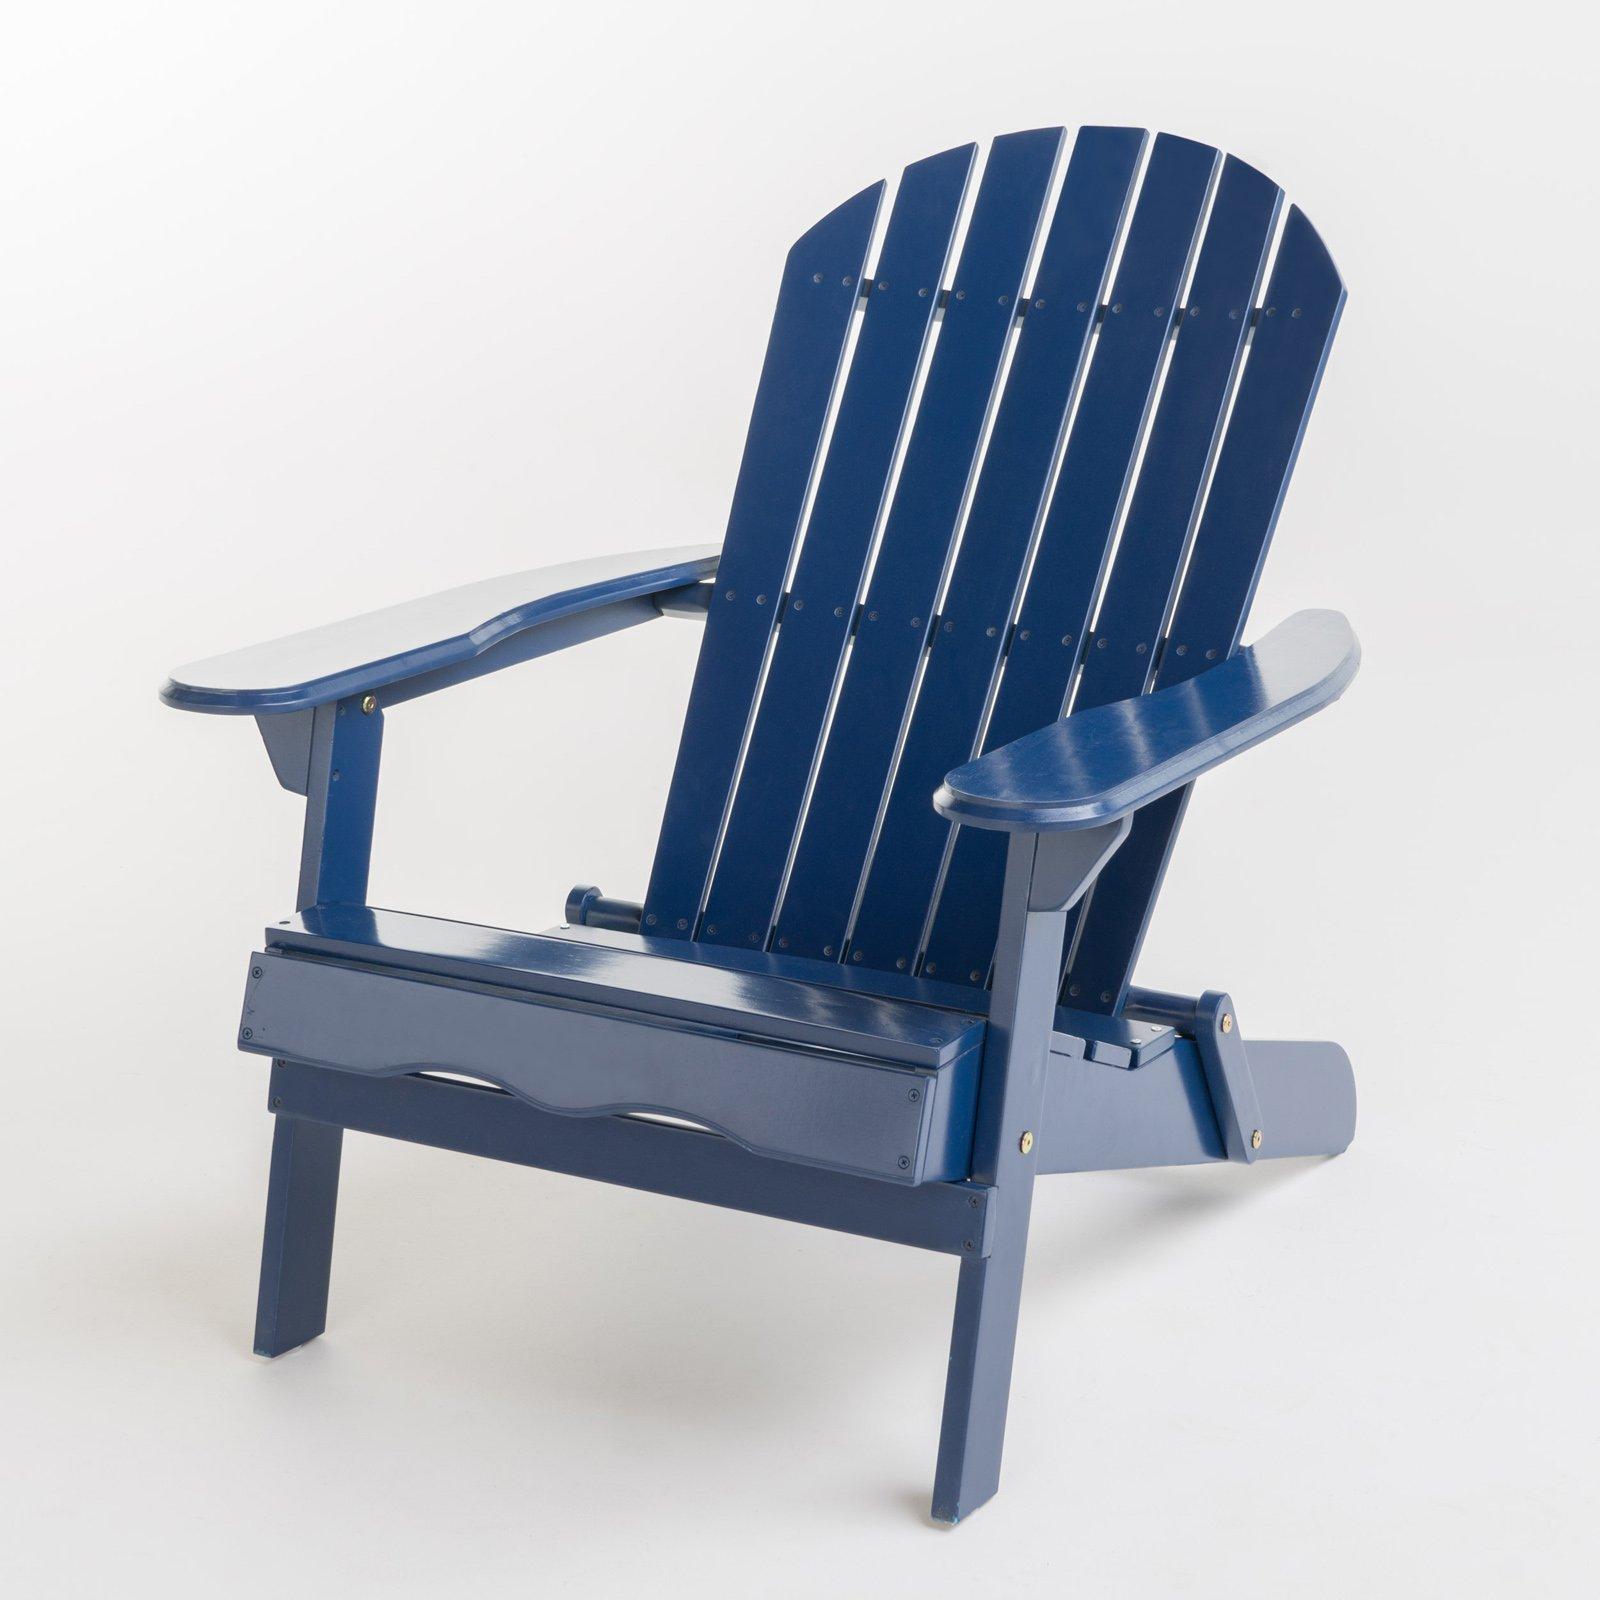 Foldable Adirondack Chair Wood Adirondack Chairs Folding